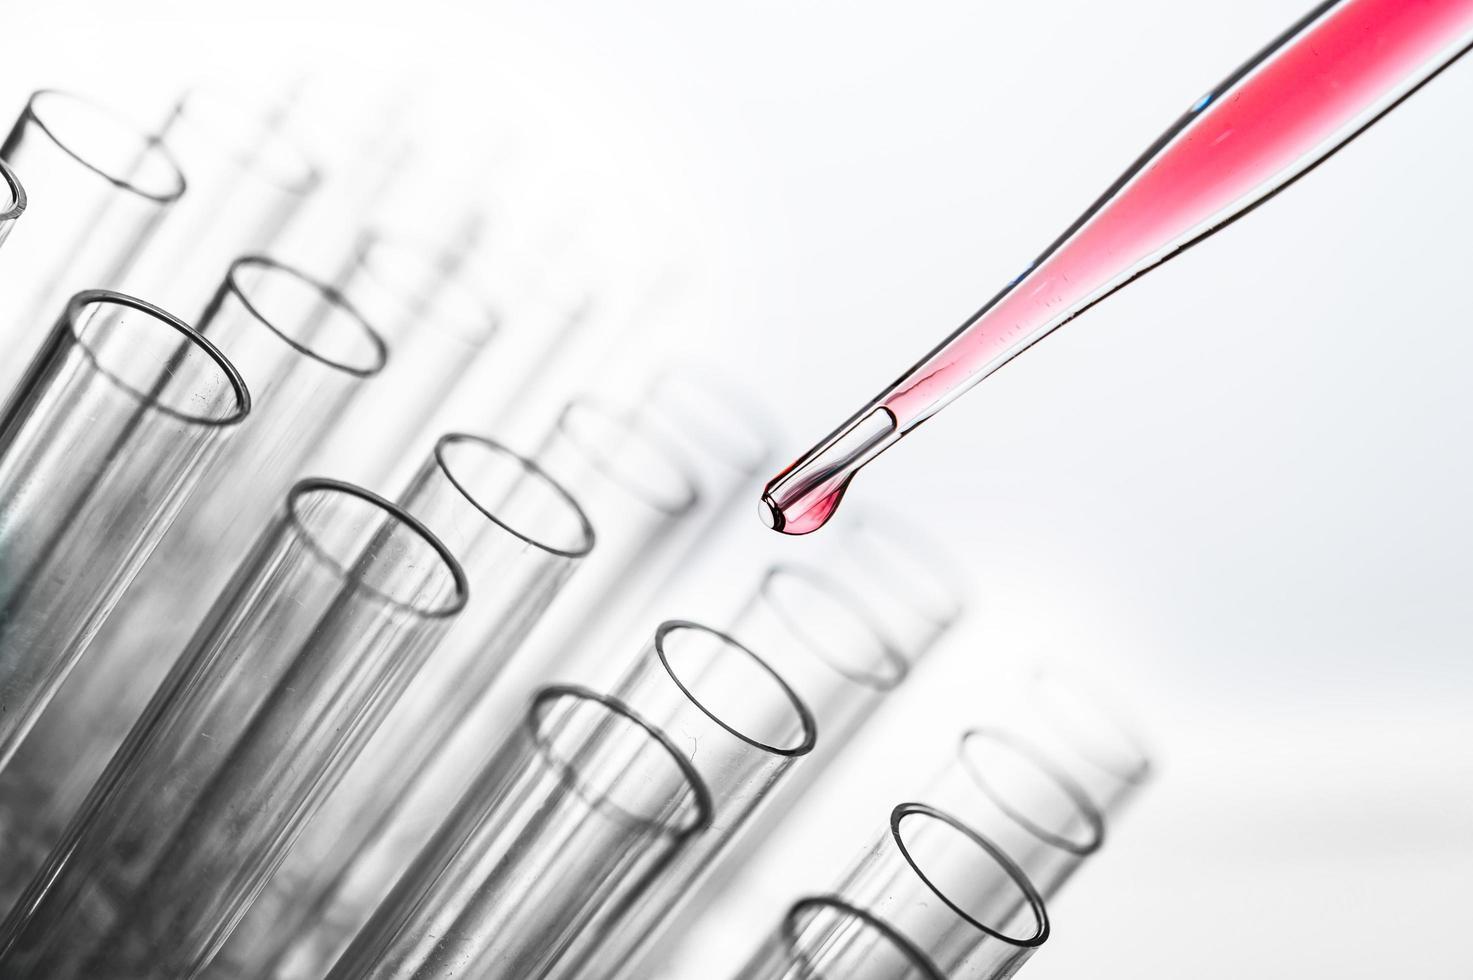 productos químicos rosas caídos en un vaso de precipitados foto